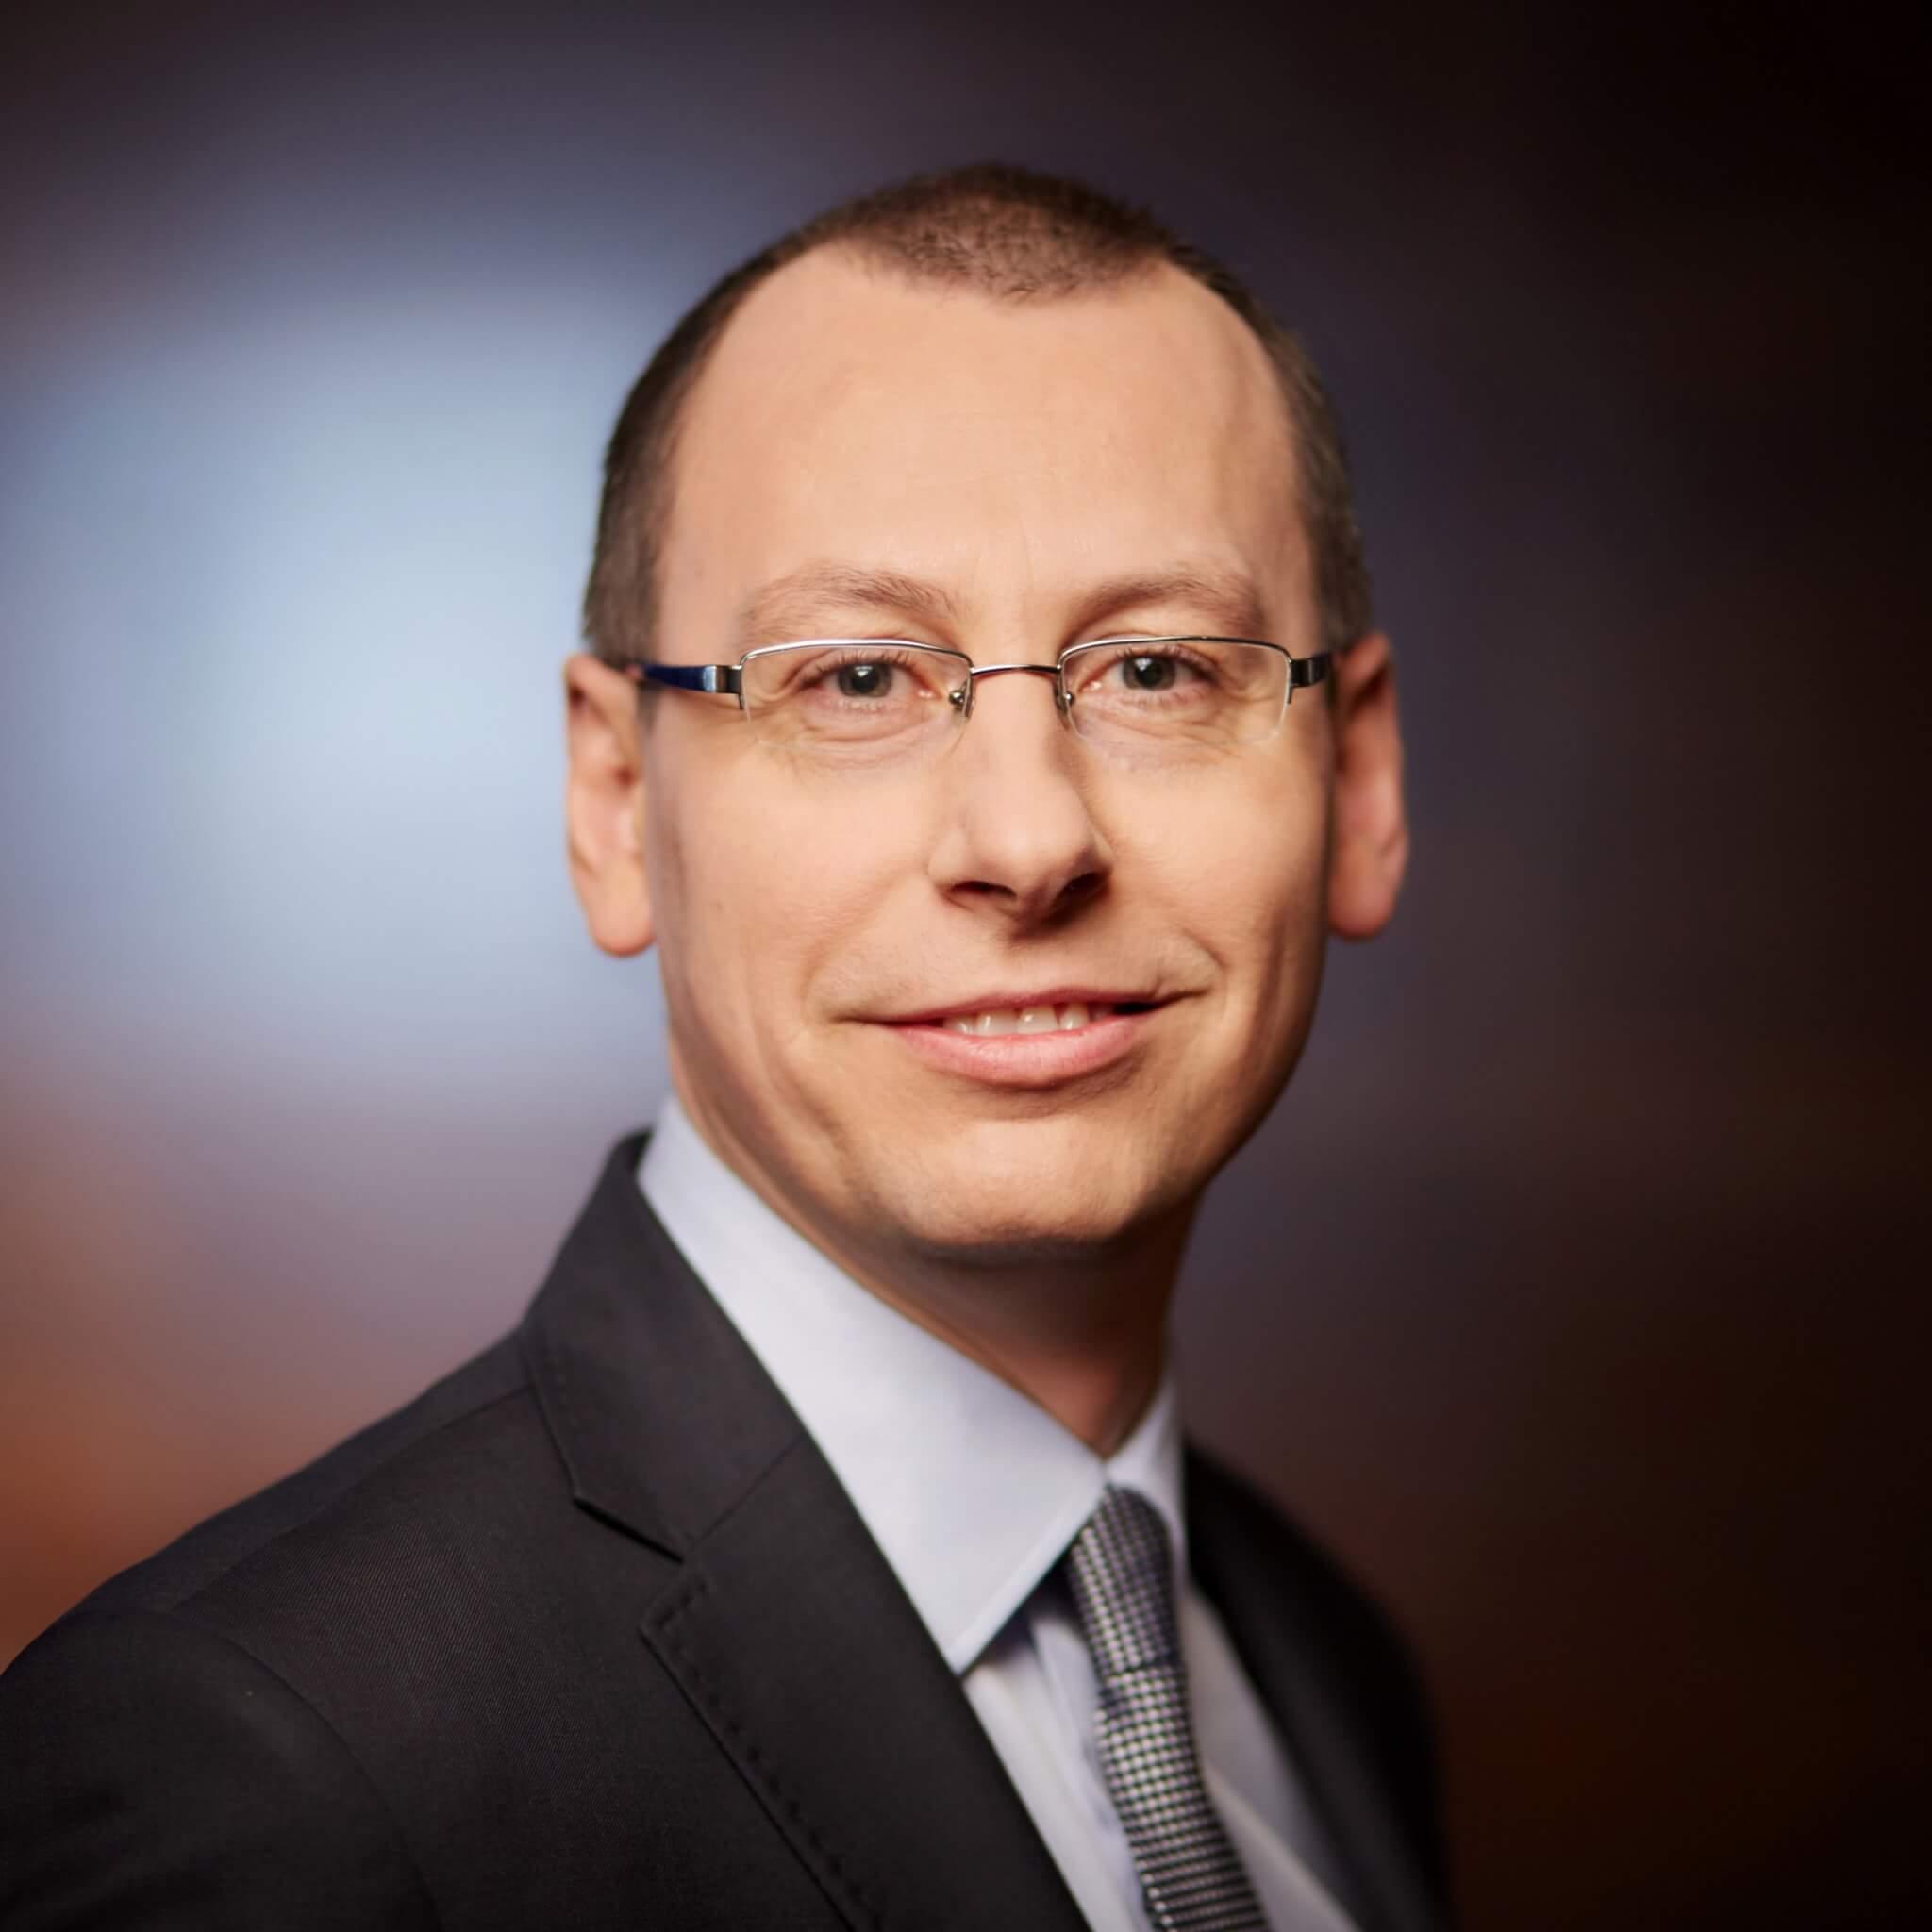 Prezes Polskiej Organizacji Turystycznej, Wiceprezes European Travel Commission